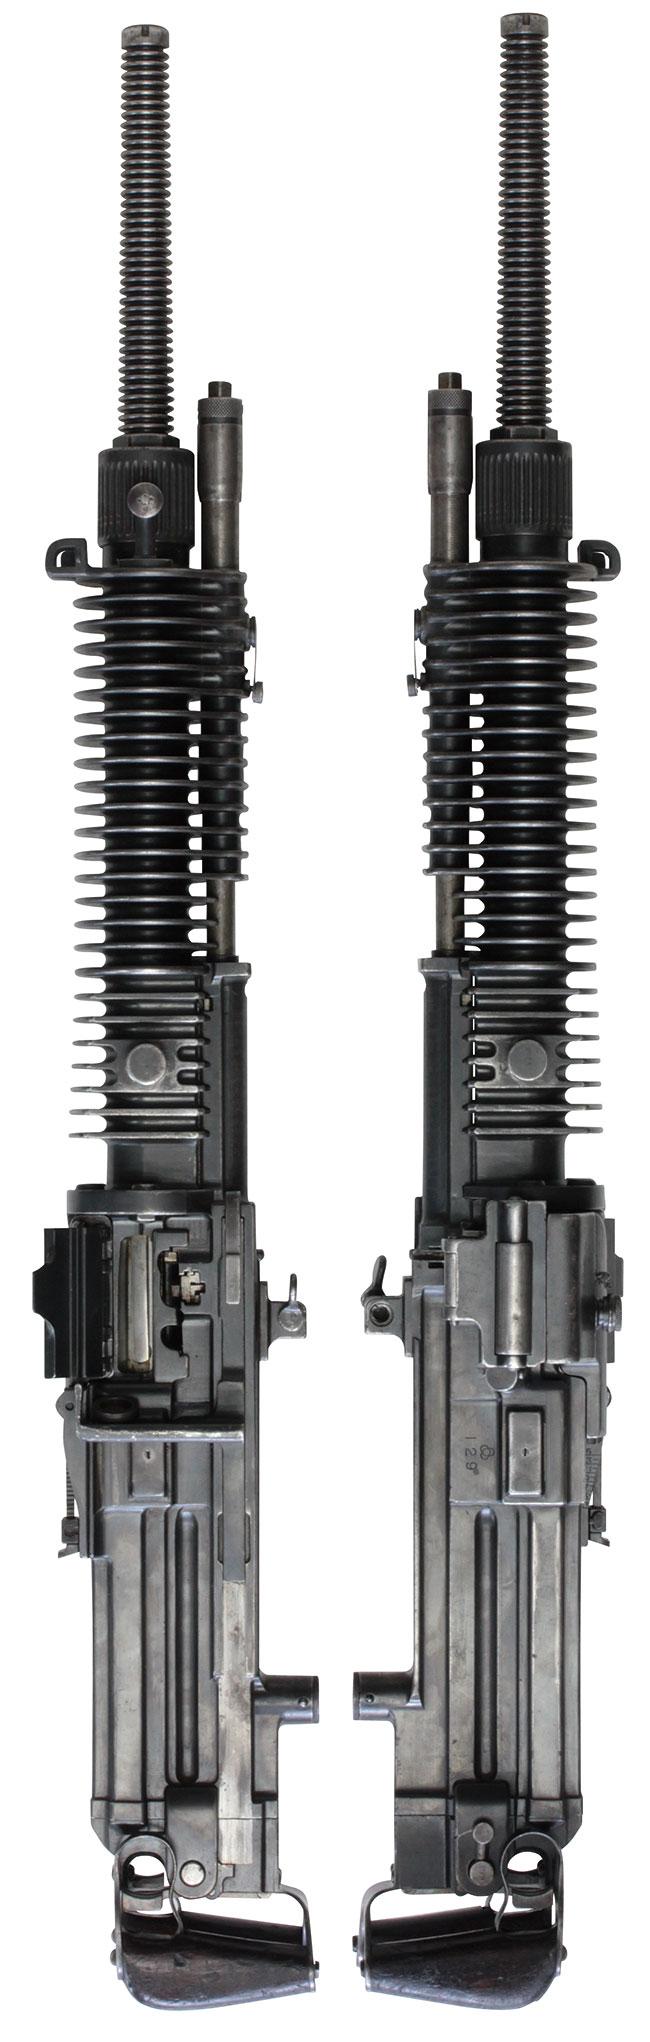 s-【5143】三年式重機関銃-(#129)左.jpg